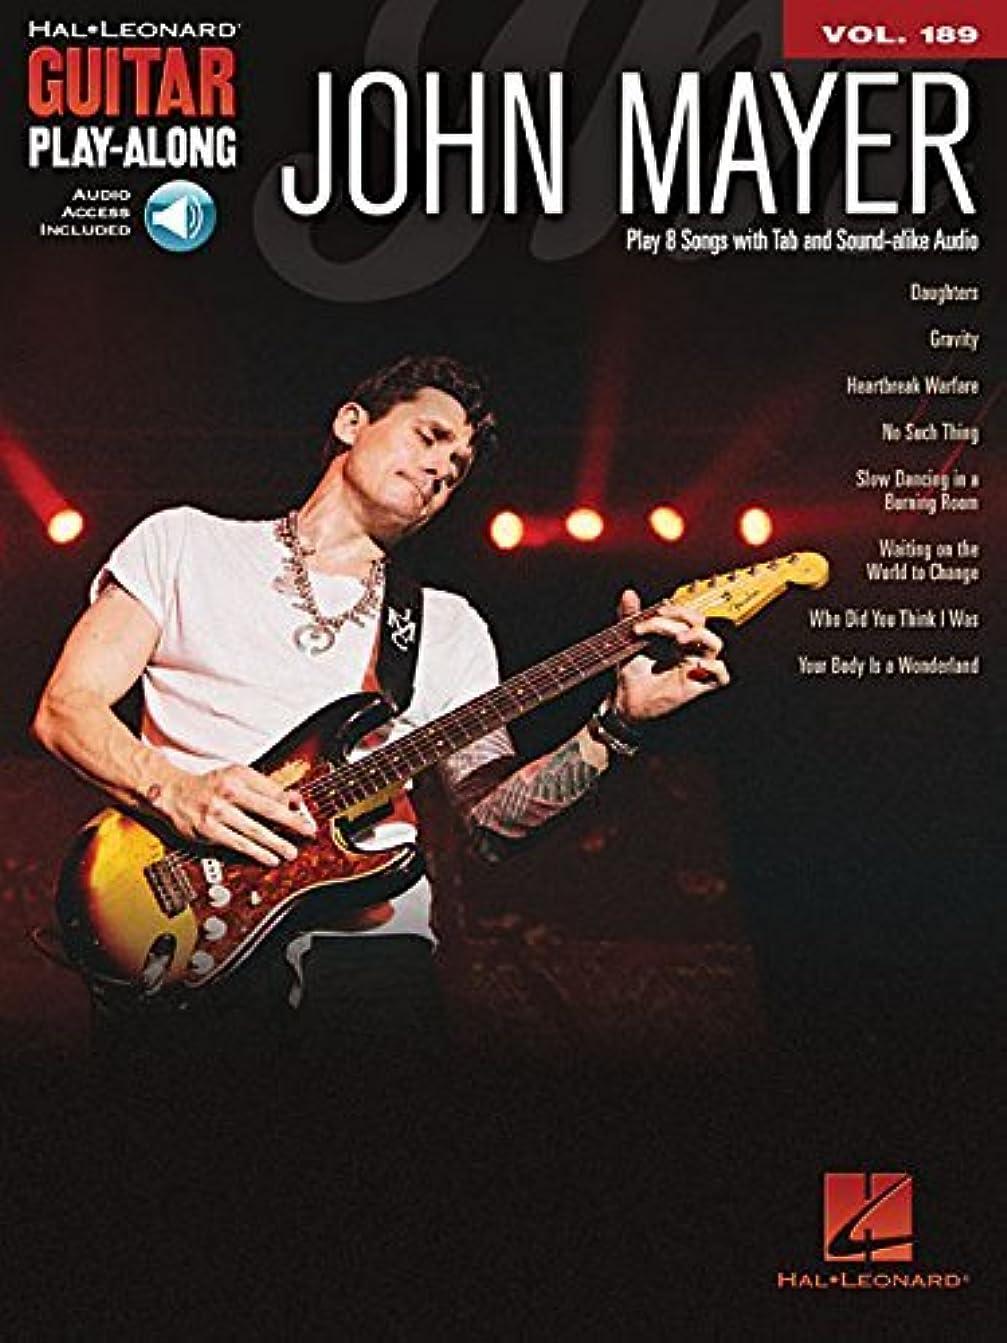 モス海外で予防接種John Mayer: Guitar Play-Along Volume 189 (Hal Leonard Guitar Play-Along) (English Edition)